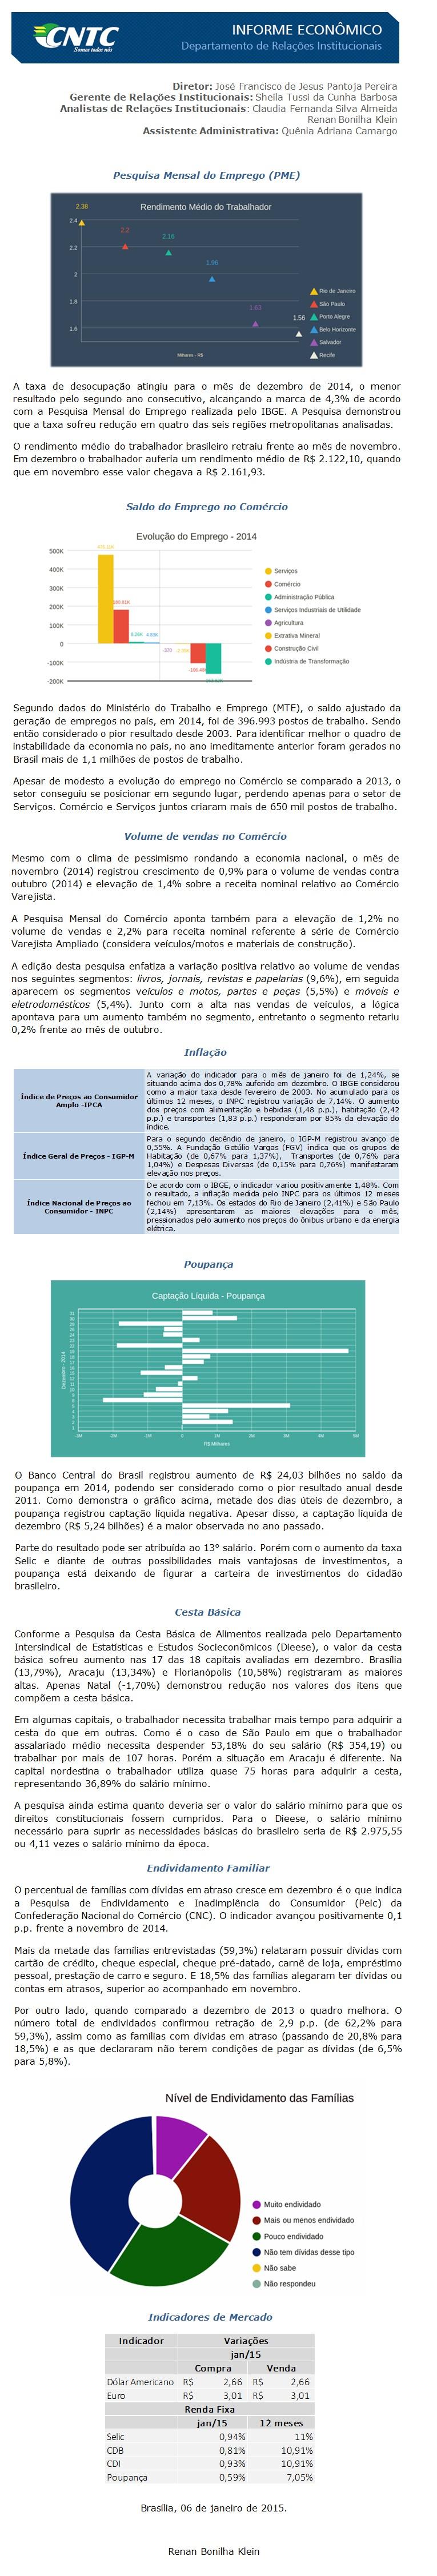 Informe Econômico 8 - Em processo 2